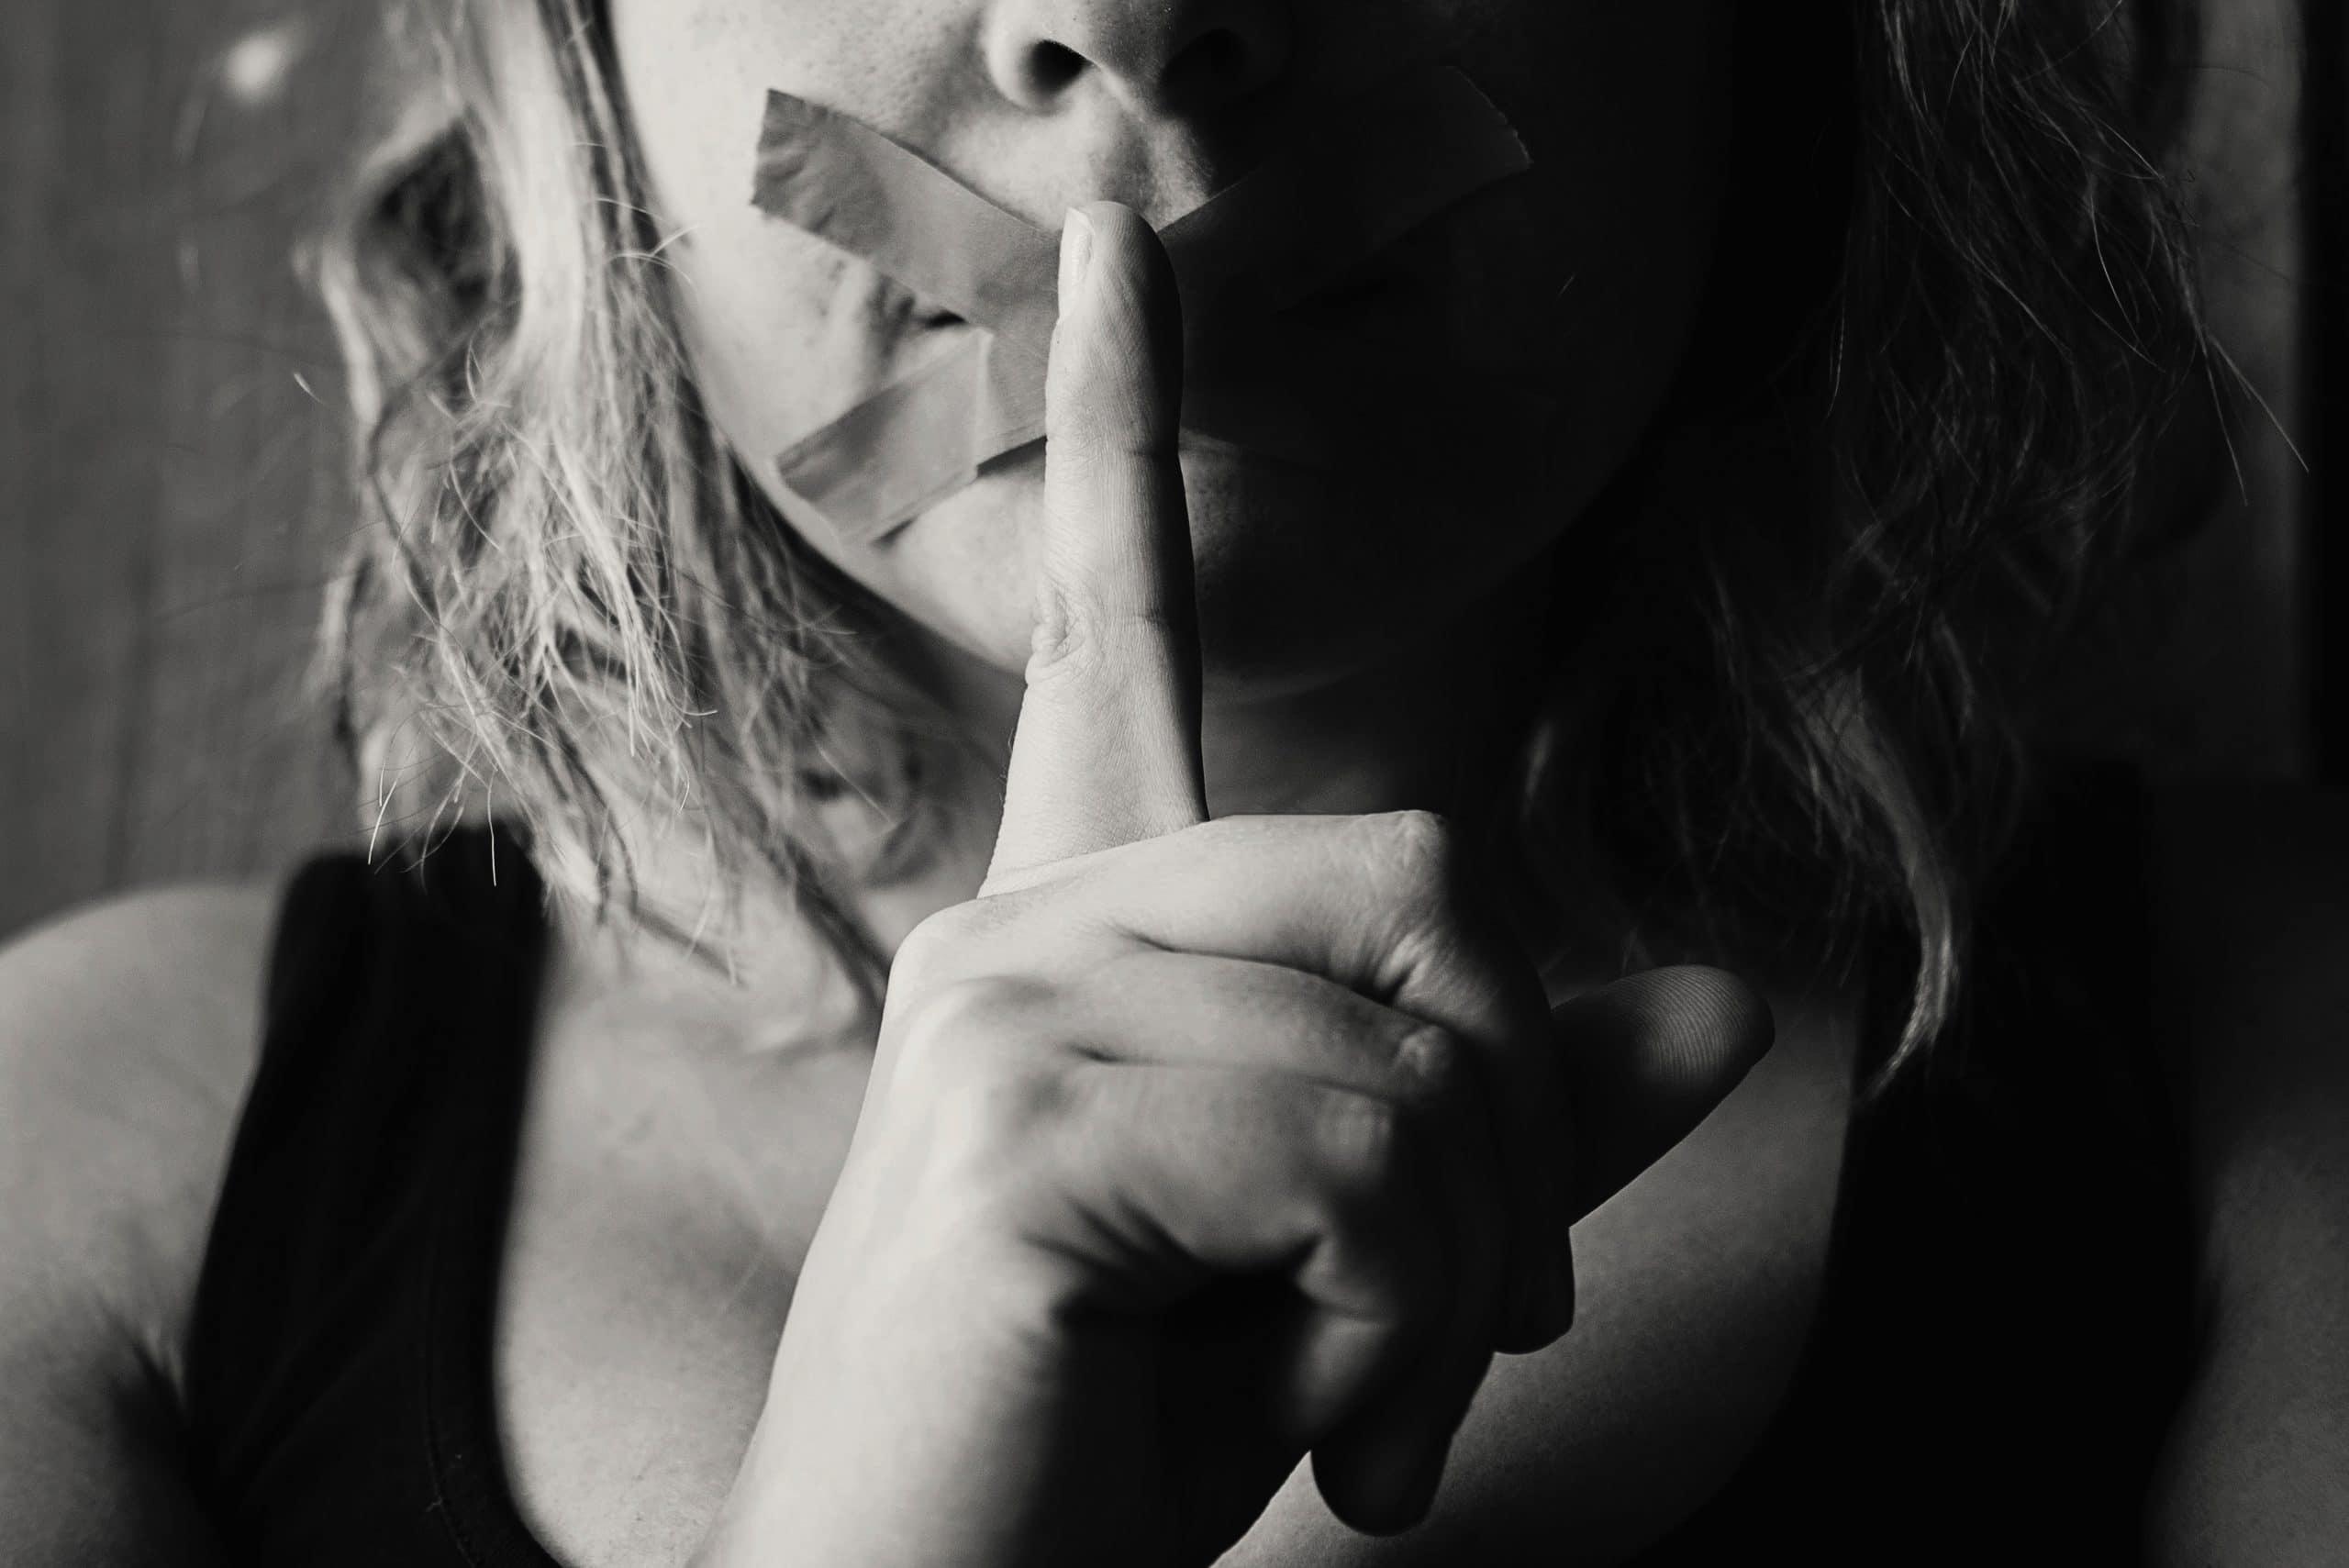 Mulher com uma fita em X sobre a boca, com o dedo indicador levantado na frente do rosto, em sinal de um pedido de silêncio.